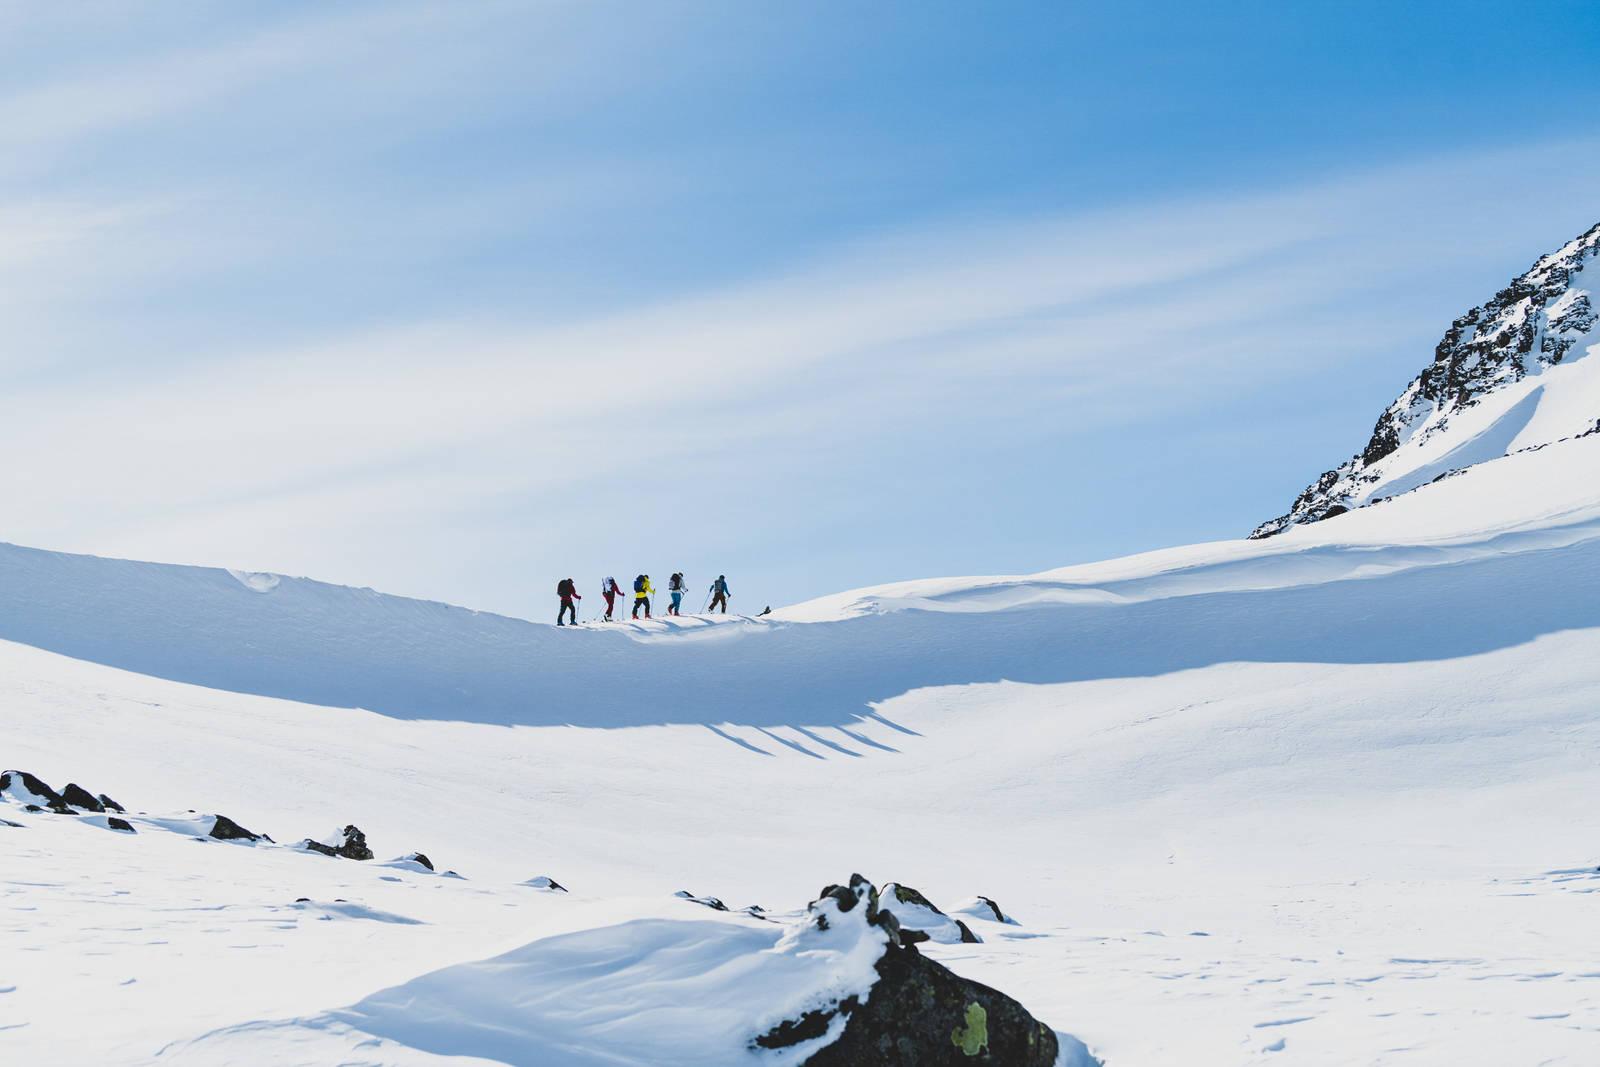 Første etappe av høgruta i Jotunheimen går fra Bessheim eller Gjendesheim til Besshøe og videre til Memurubu. Bilde: Hans Kristian Krogh-Hansen